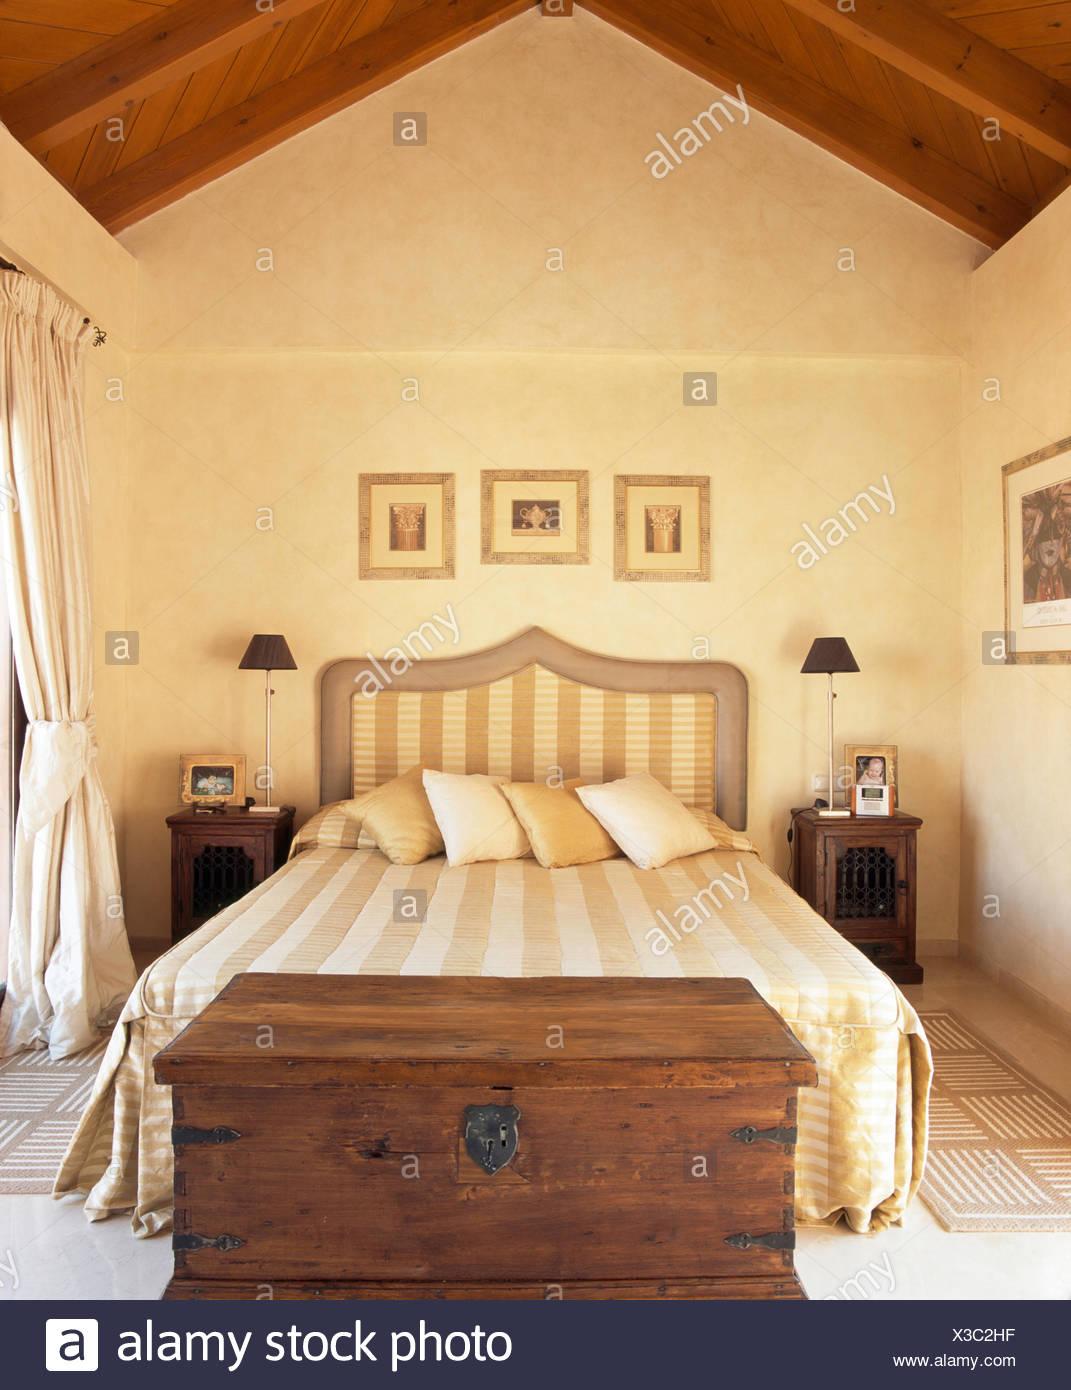 Testata Letto Con Porta Vecchia copriletto a strisce e testata sul letto in camera da letto